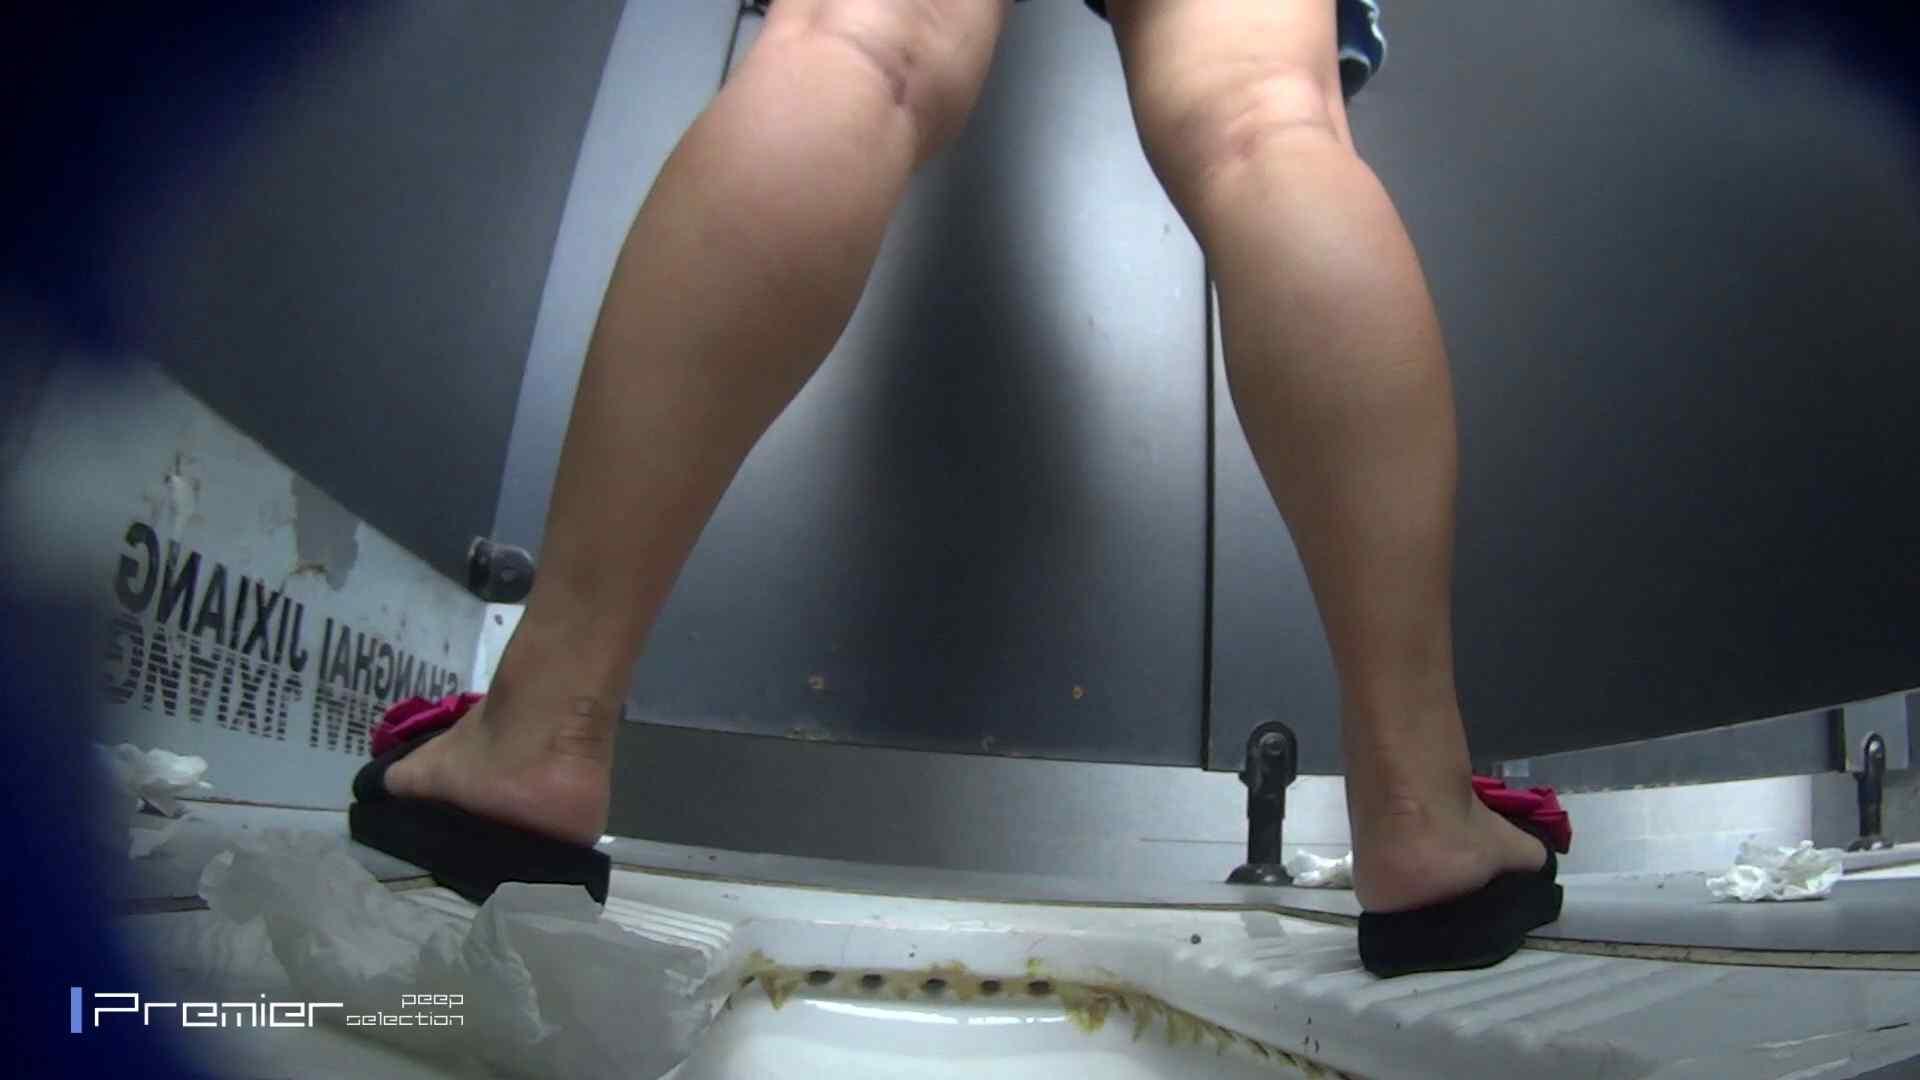 あしなが美女の洗面所 大学休憩時間の洗面所事情58 美女達のヌード | 洗面所着替え  67連発 25